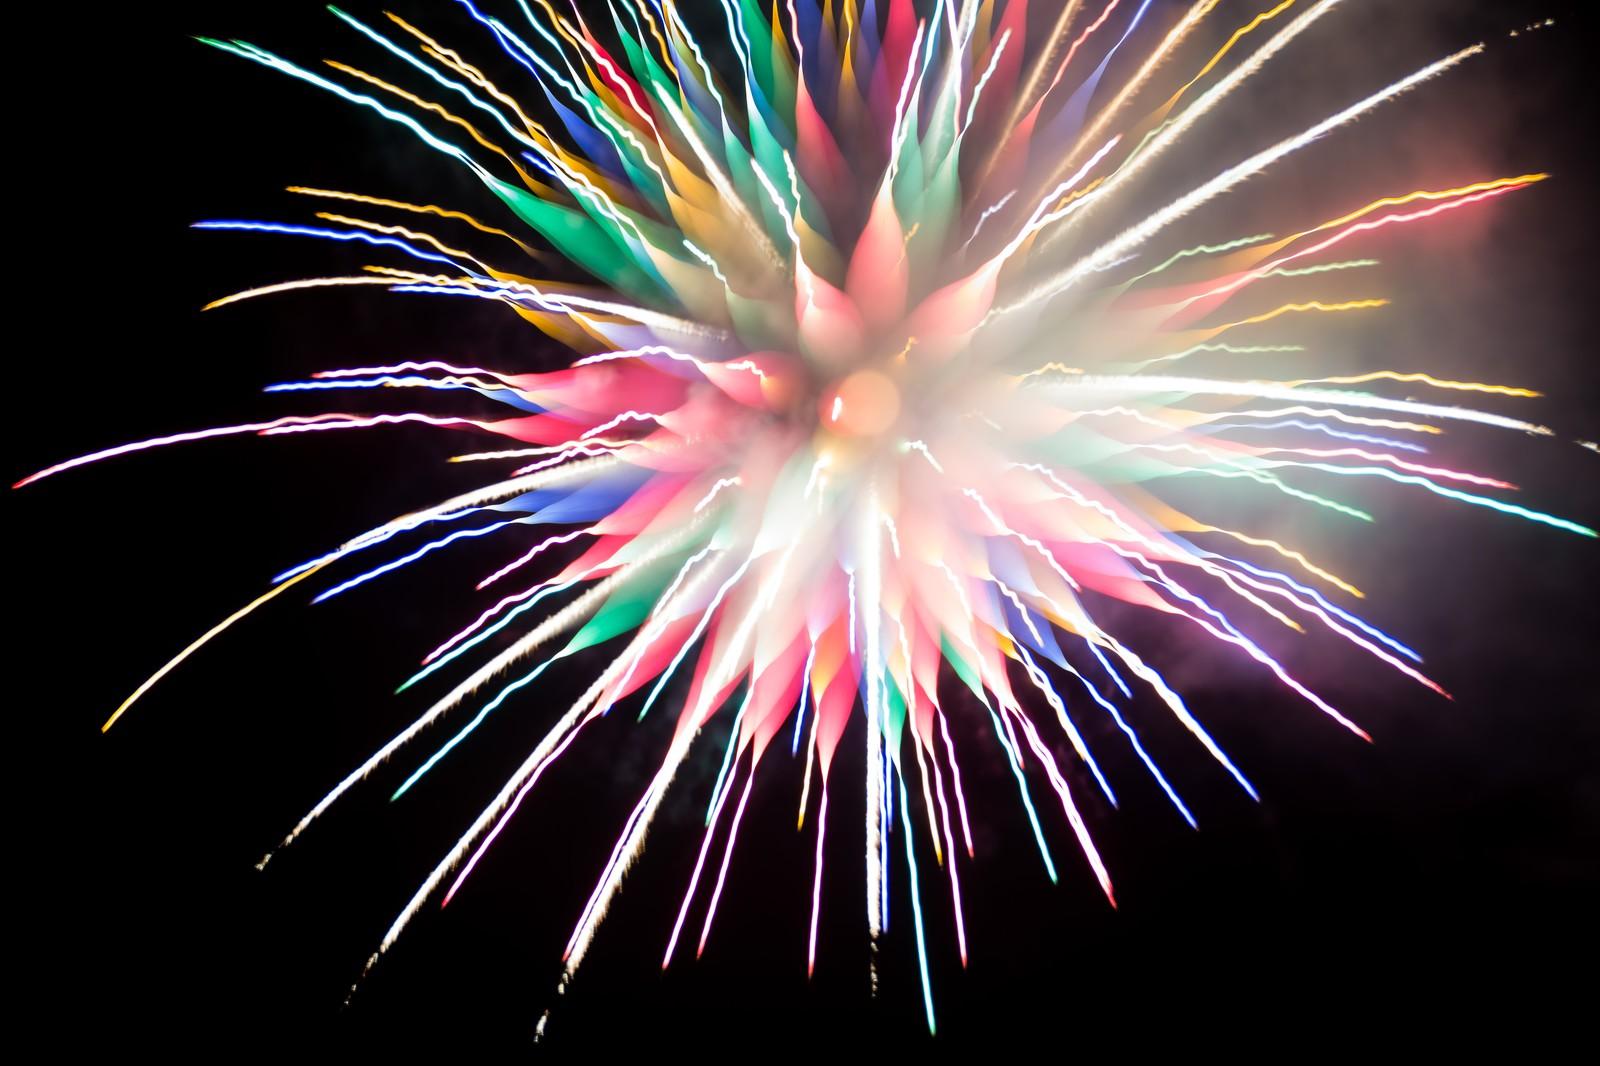 炎色反応を用いたカラフルな花火